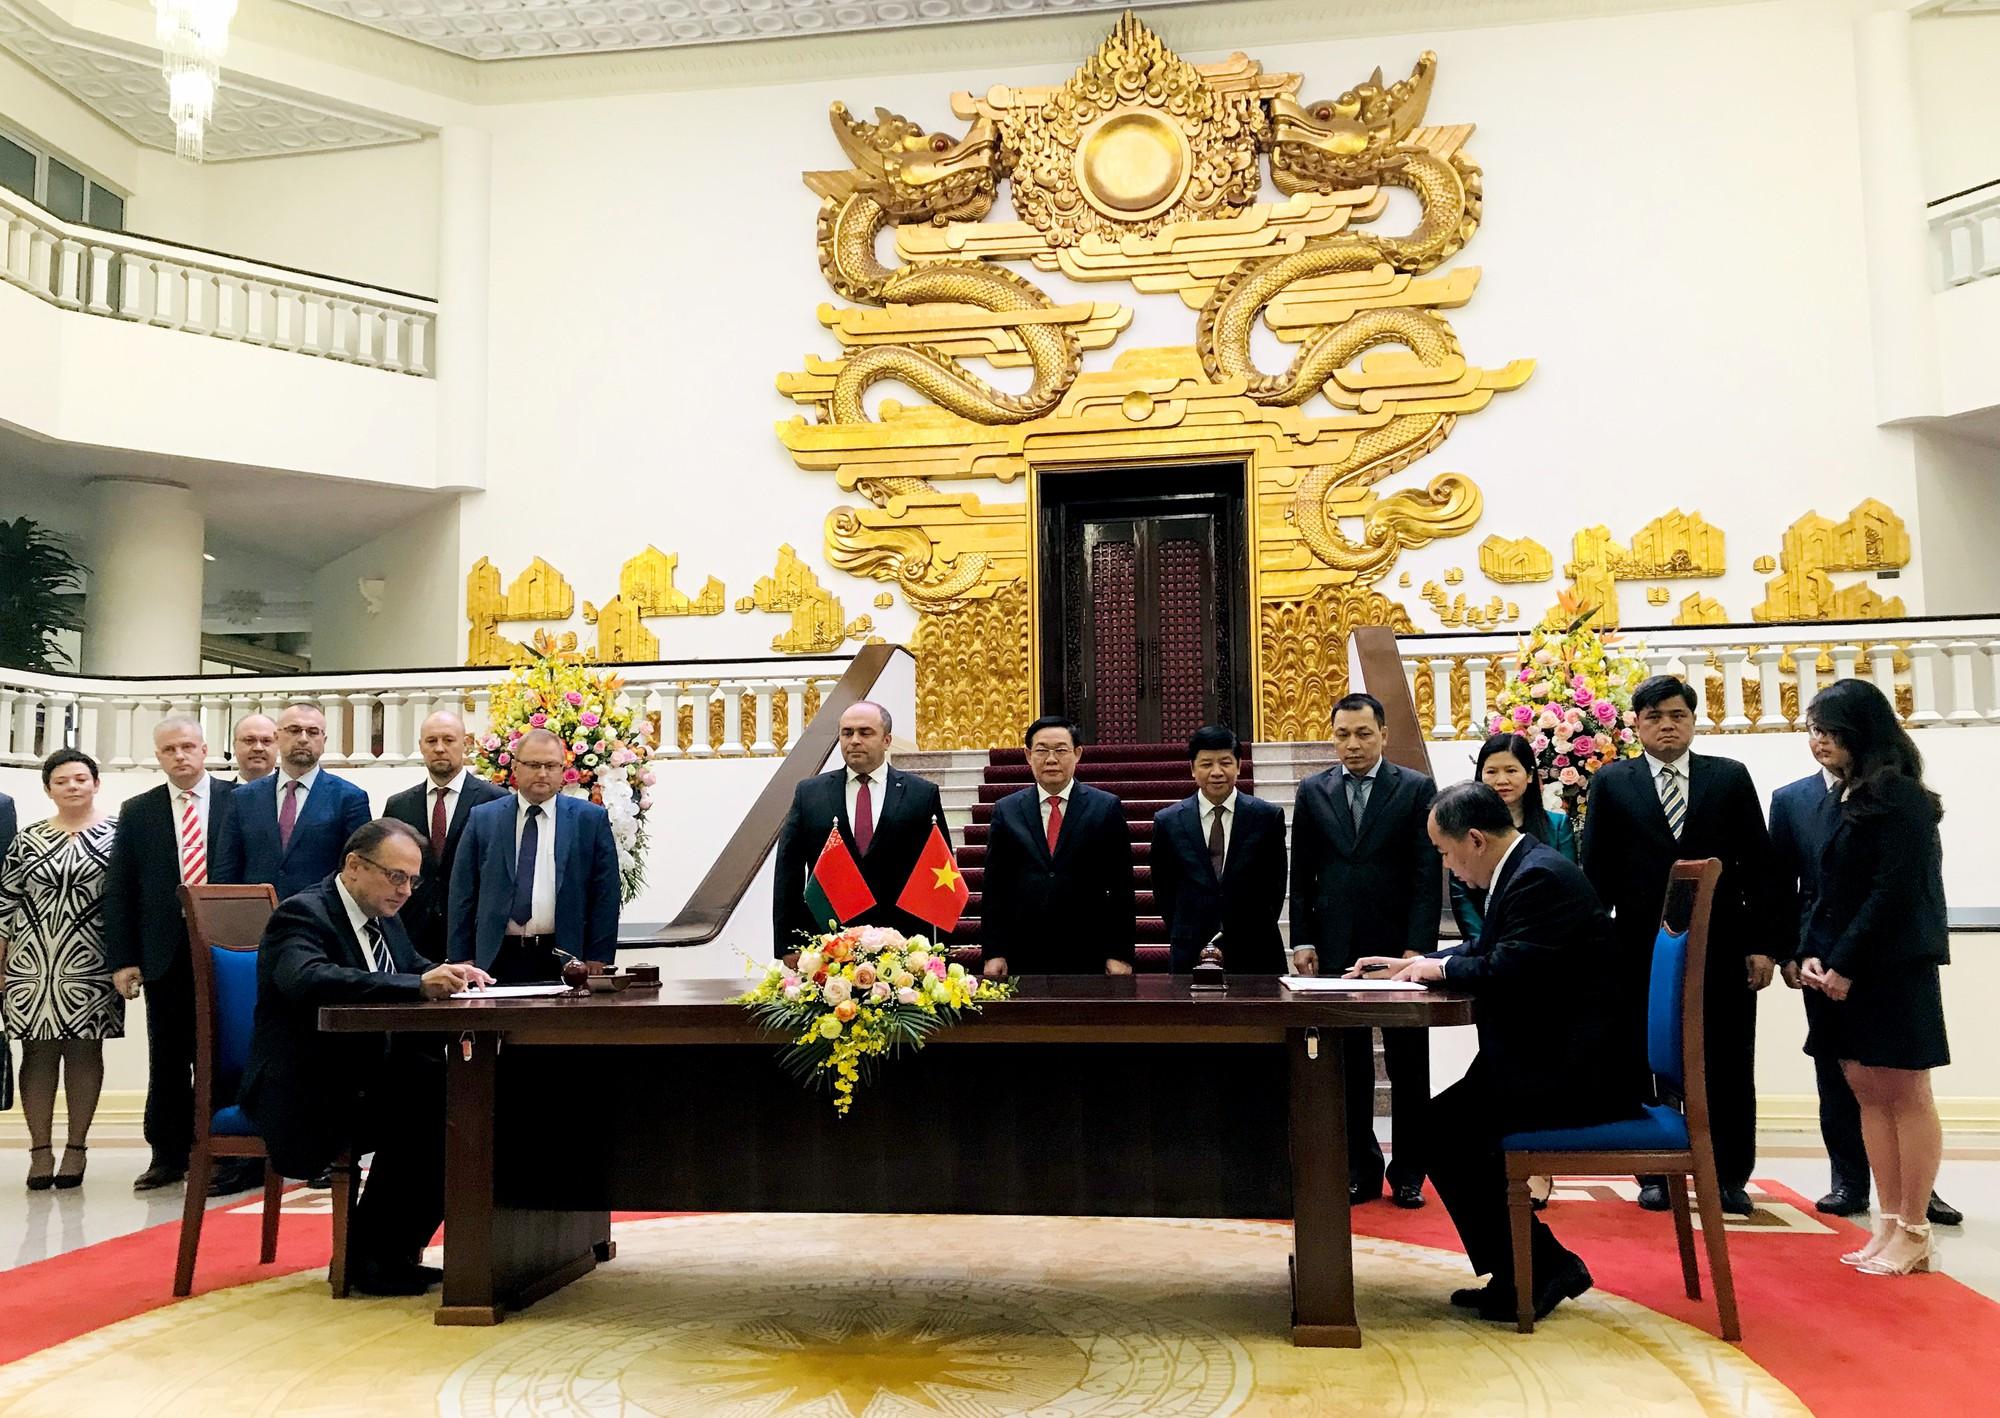 Việt Nam và Belarus ký chương trình hợp tác văn hóa giai đoạn 2020 - 2020 - Ảnh 1.